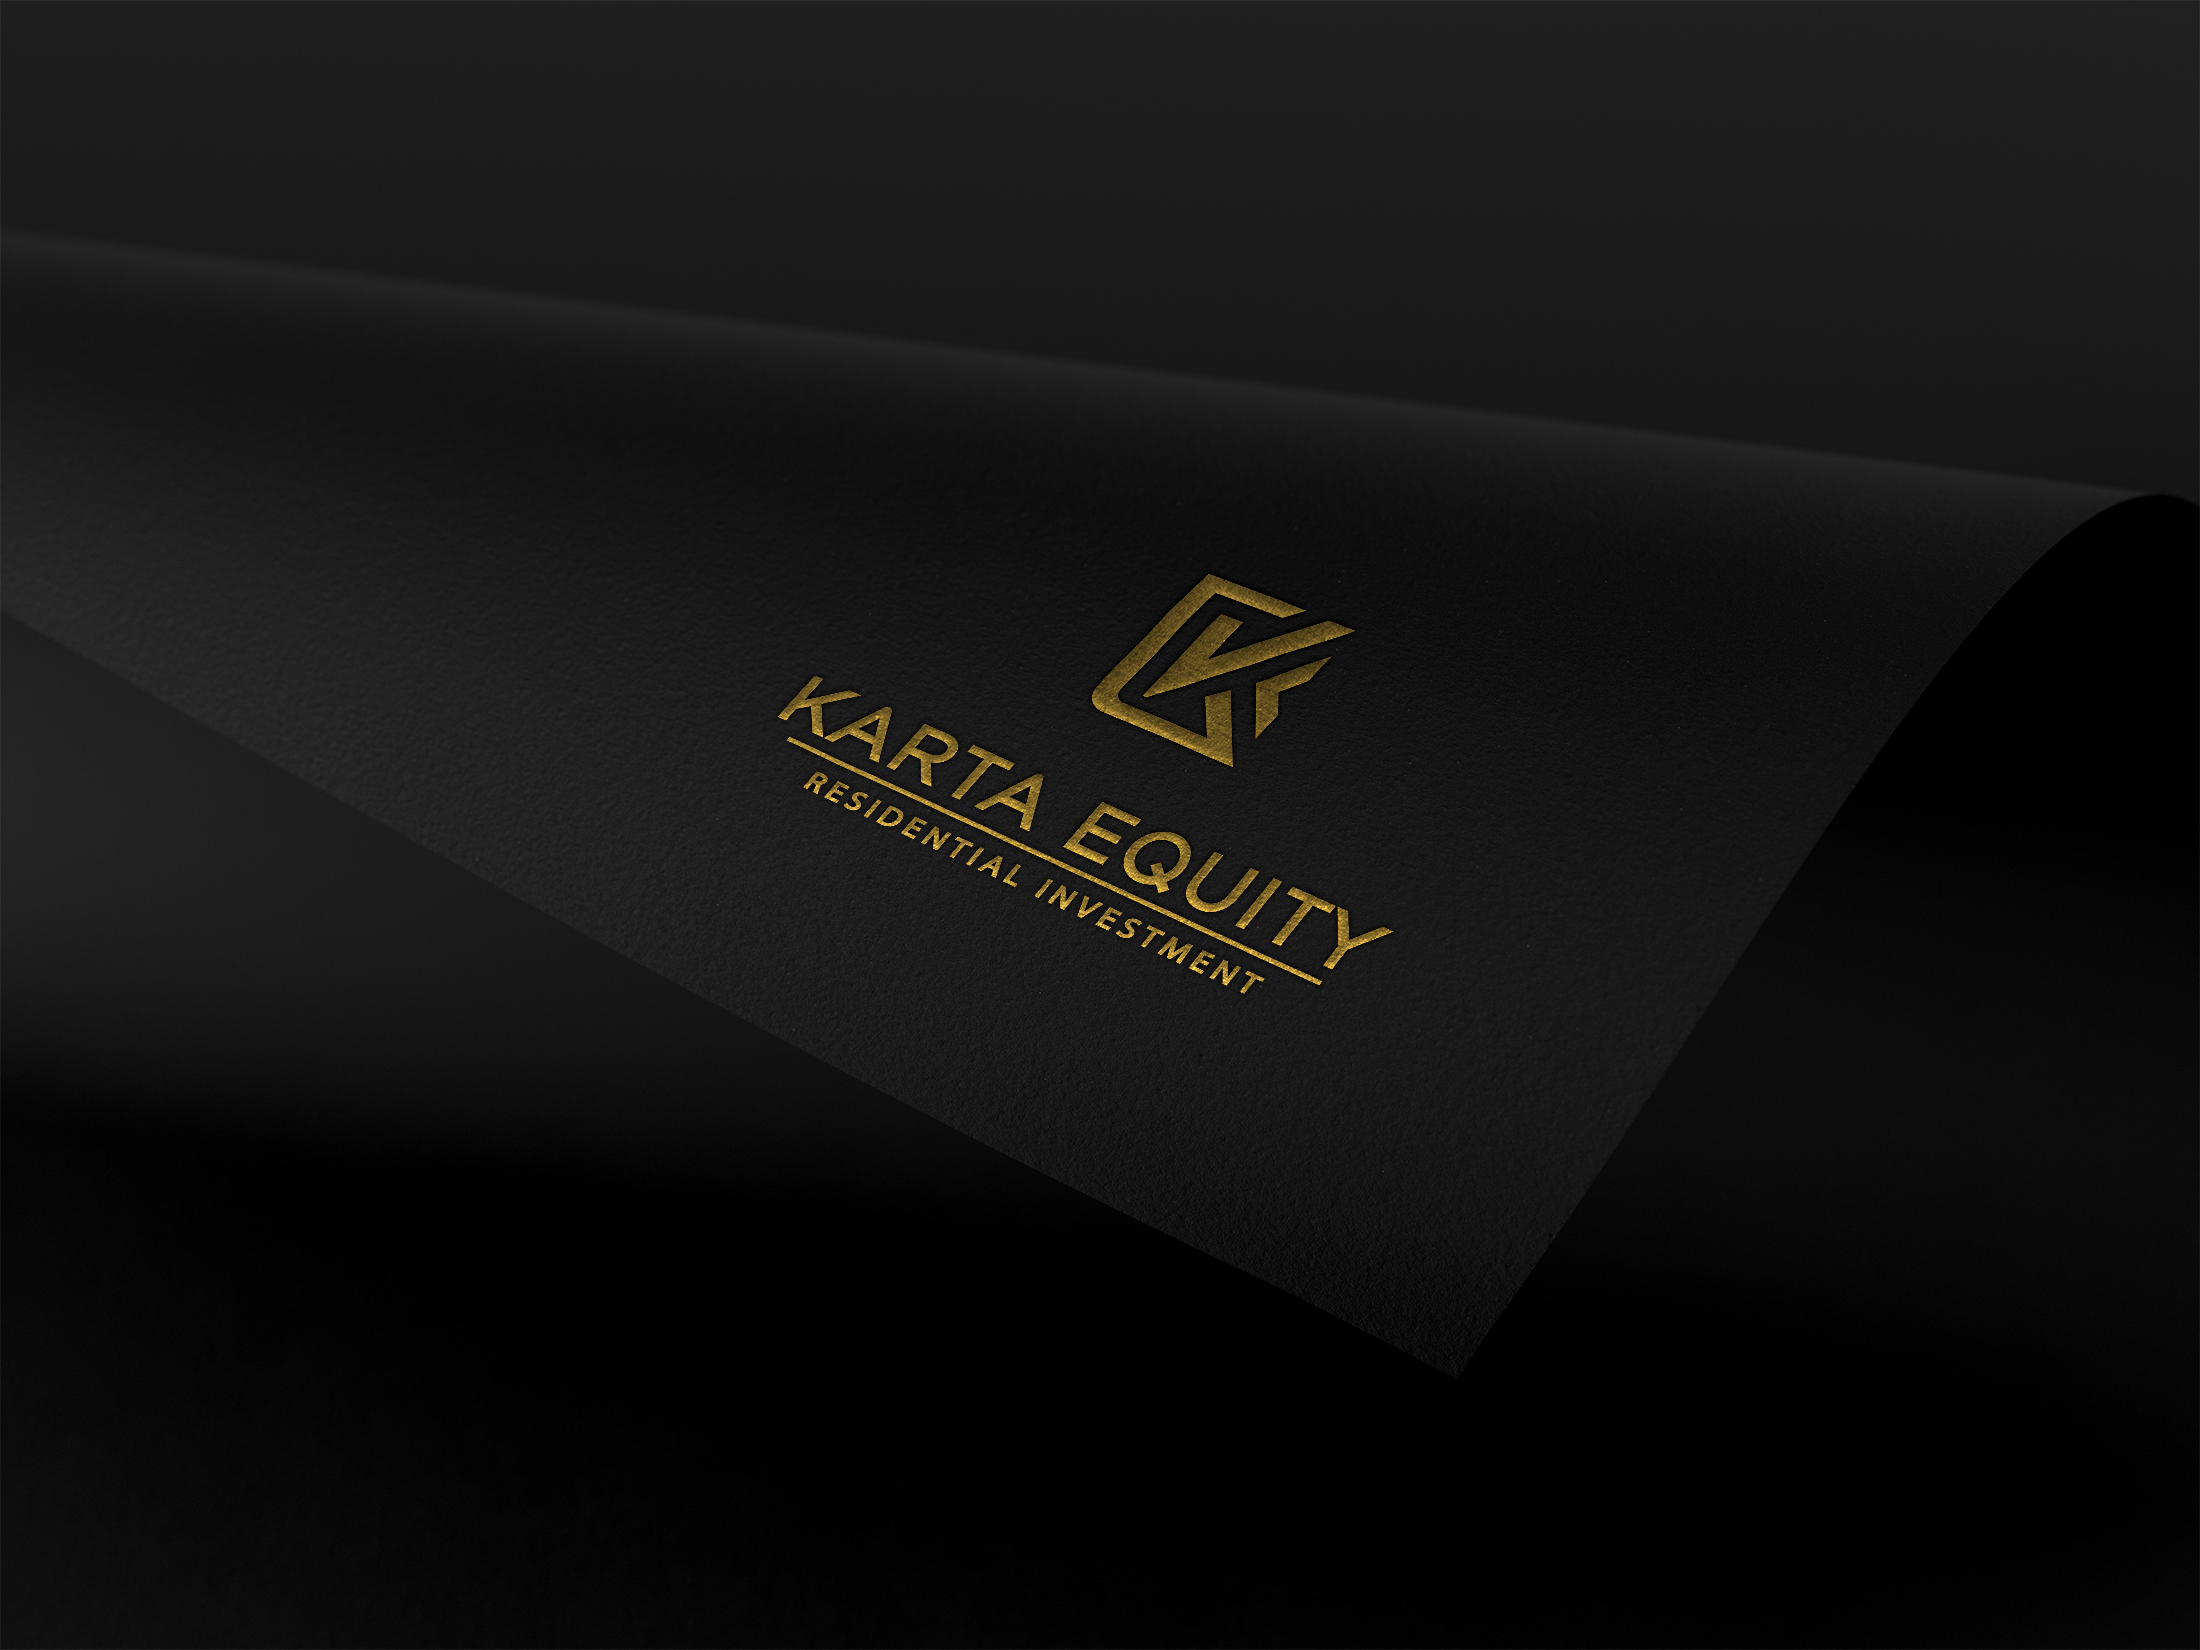 Логотип для компании инвестироваюшей в жилую недвижимость фото f_7165e17505c2c711.jpg